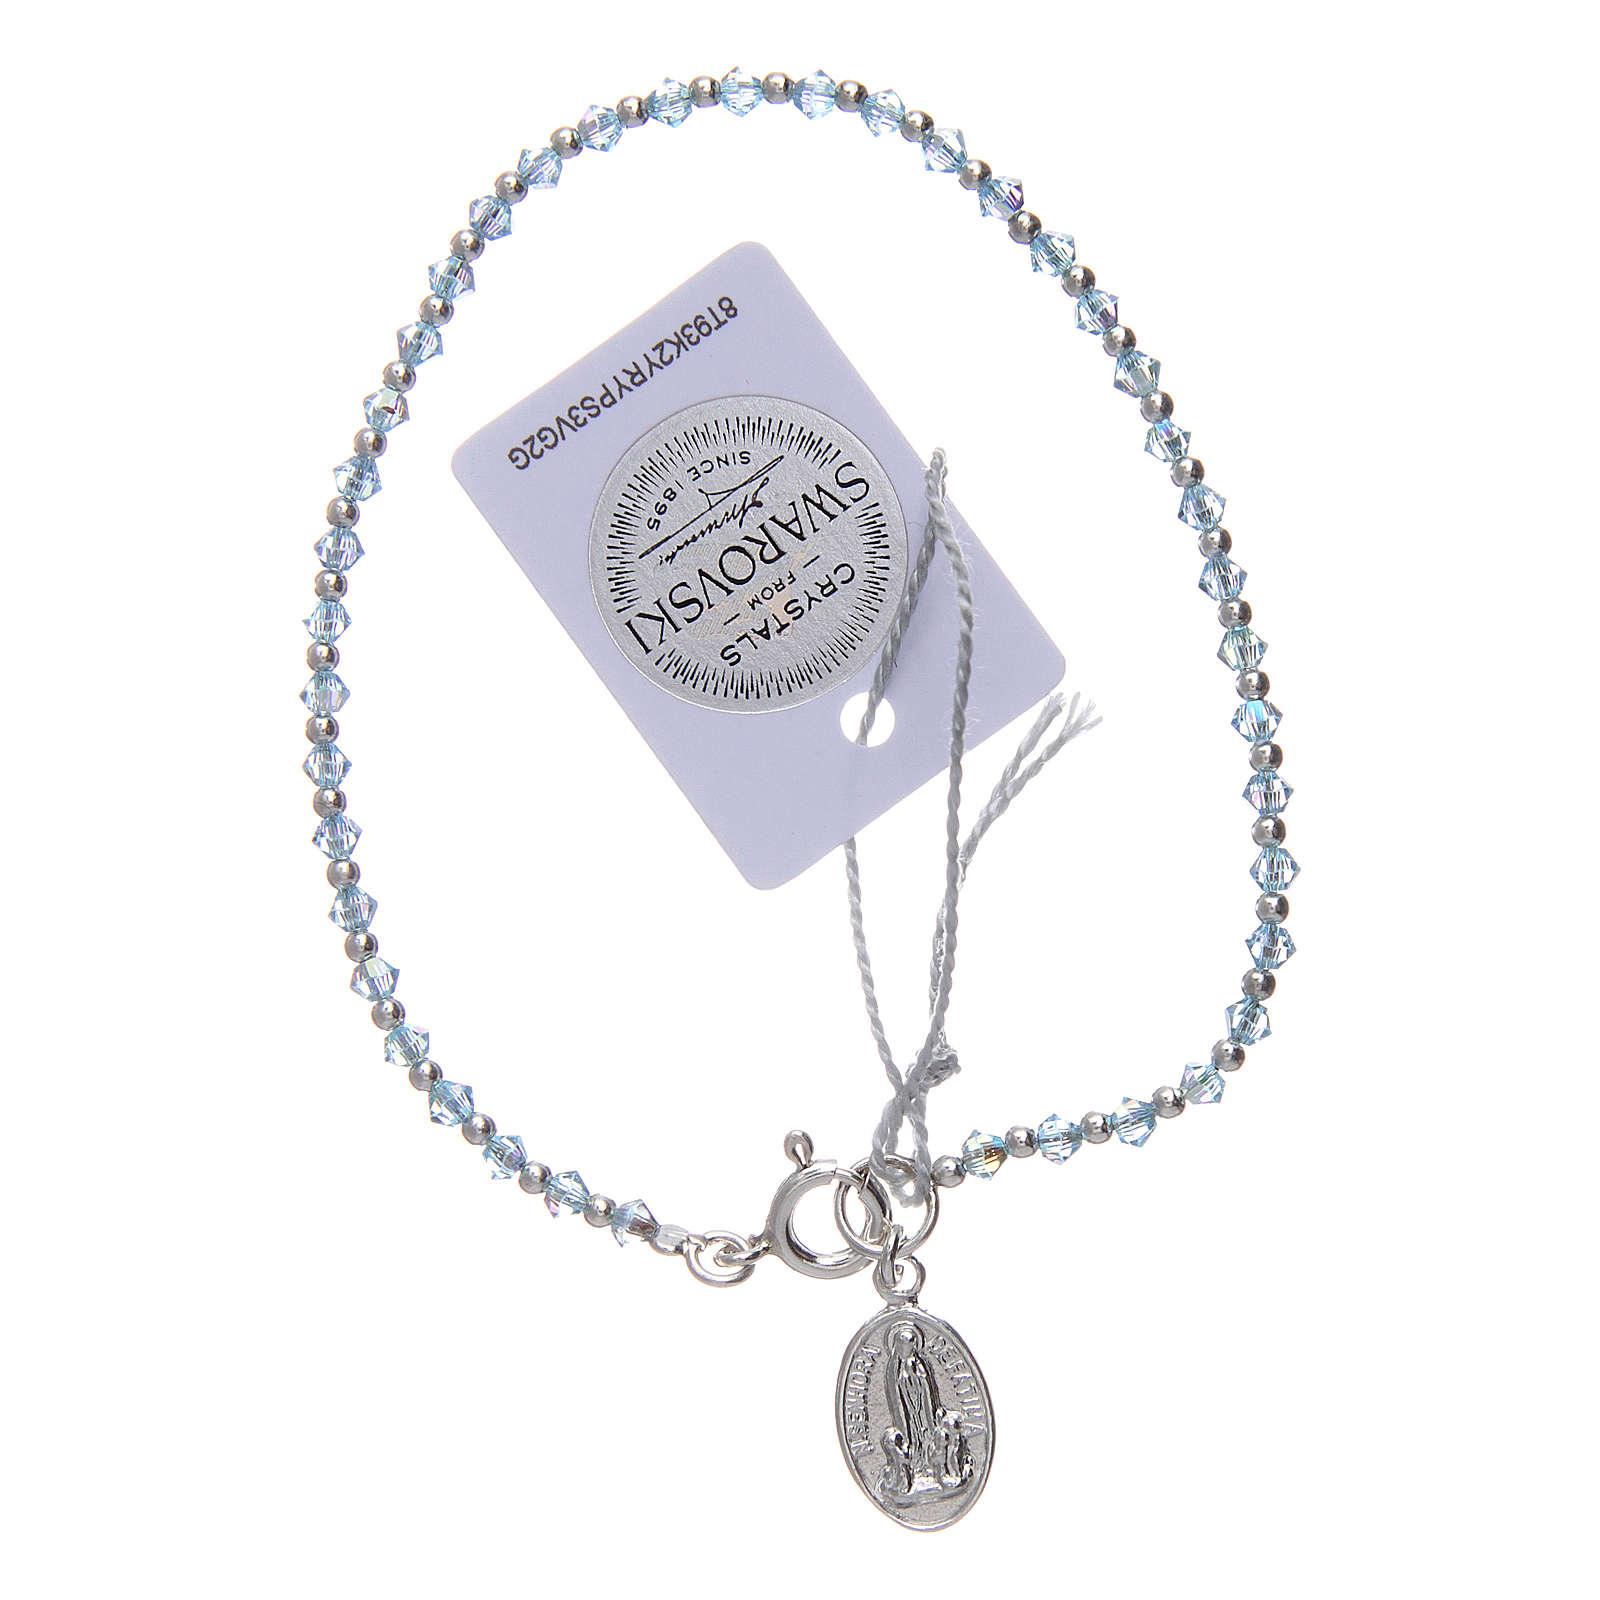 Bracciale argento e Swarovski azzurro 100° anniversario Fatima 3 mm 4